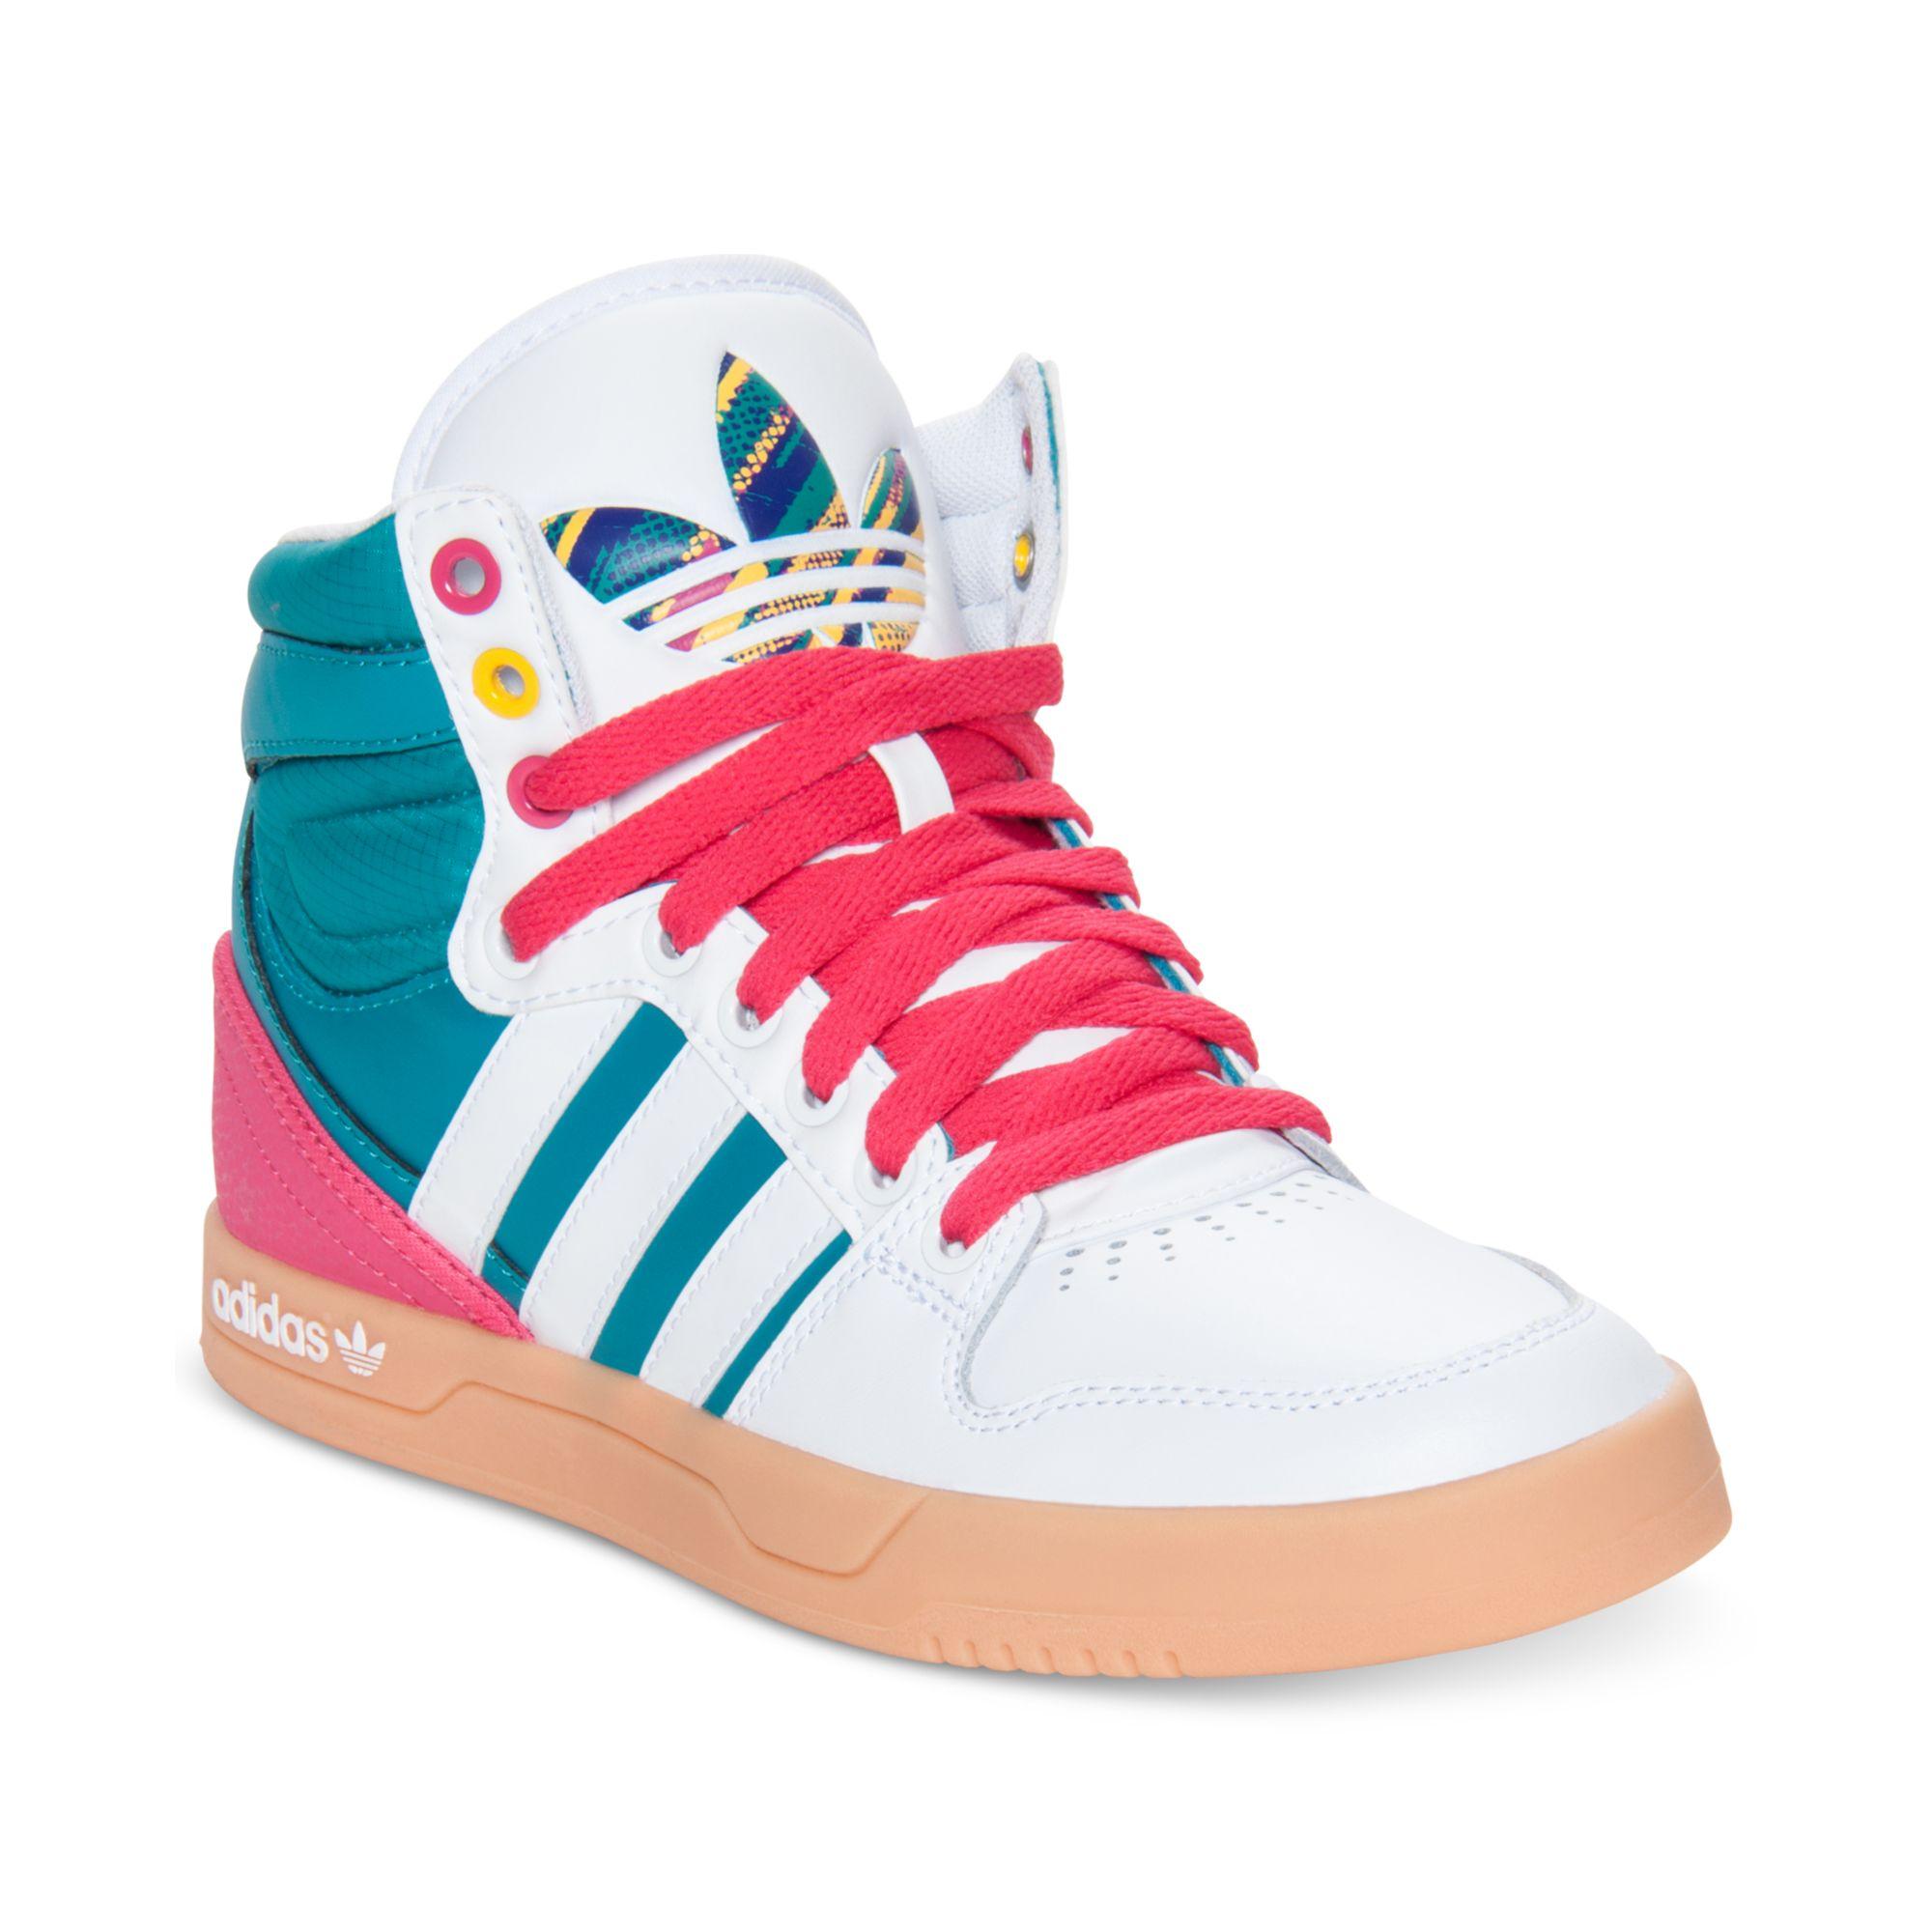 Adidas White Originals Court Attitude Casual Sneakers